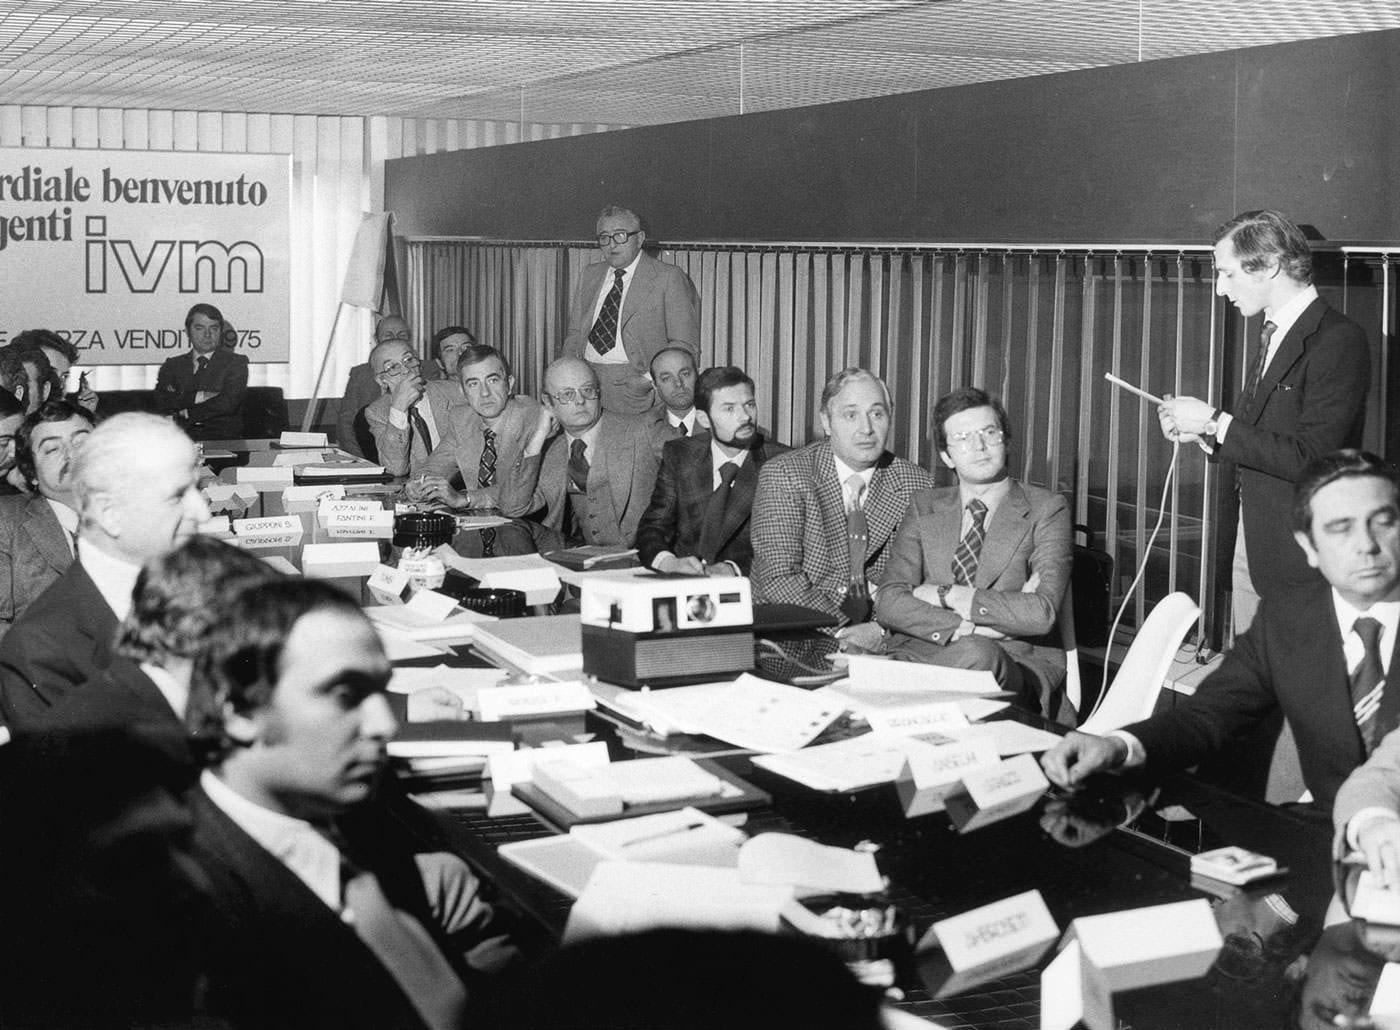 Arredamento Per Ufficio La Storia Di Ivm Office